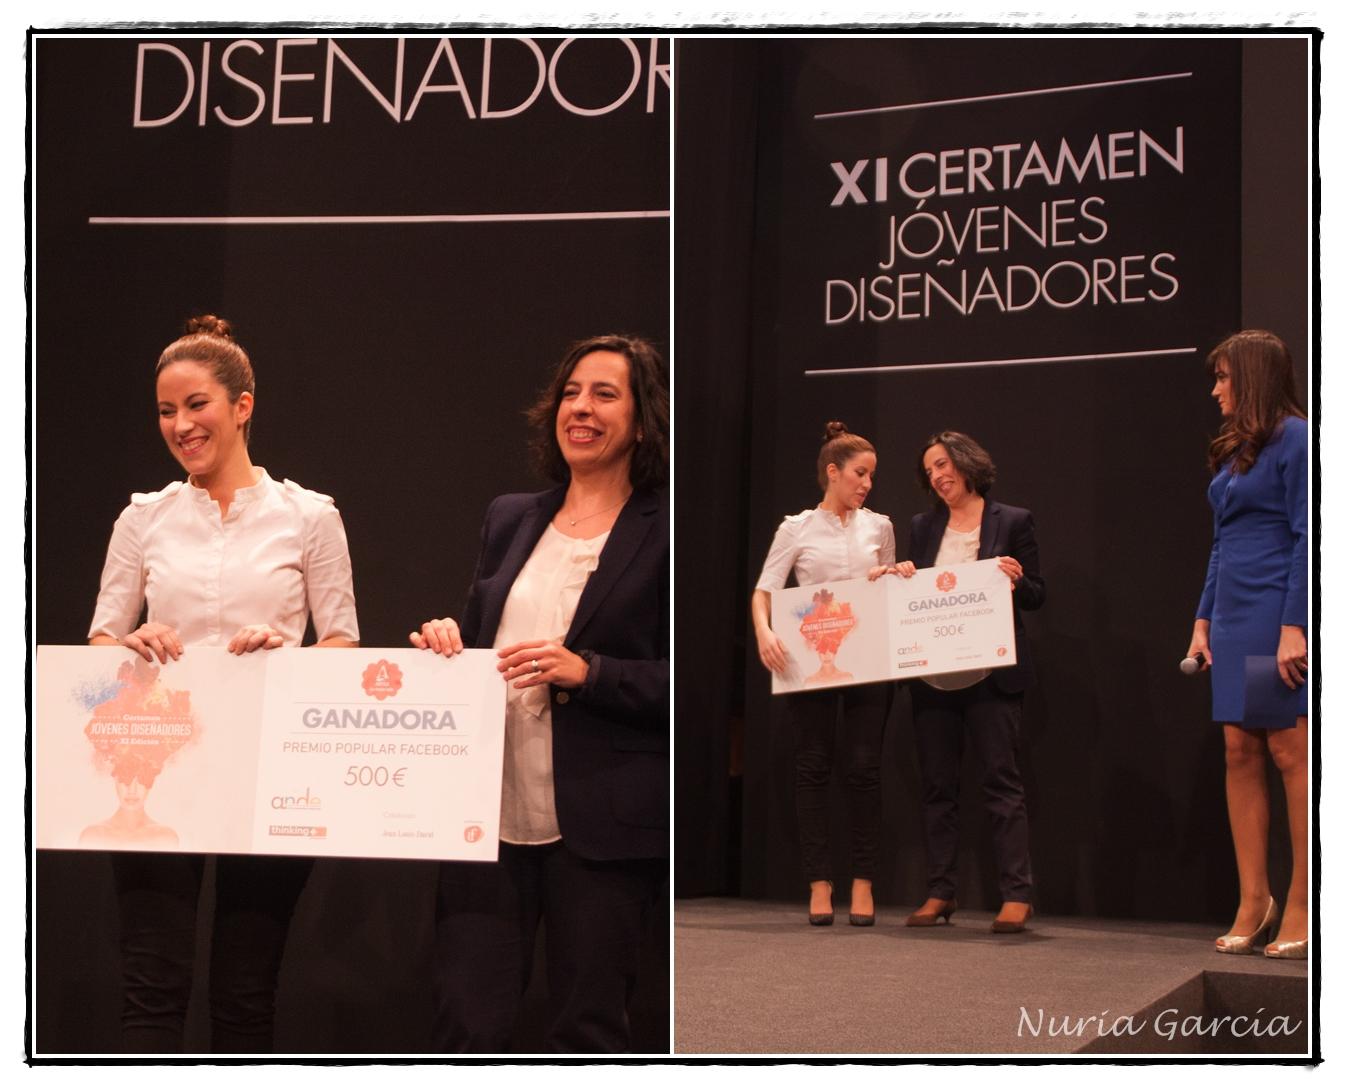 Entrega del premio de 500 € por